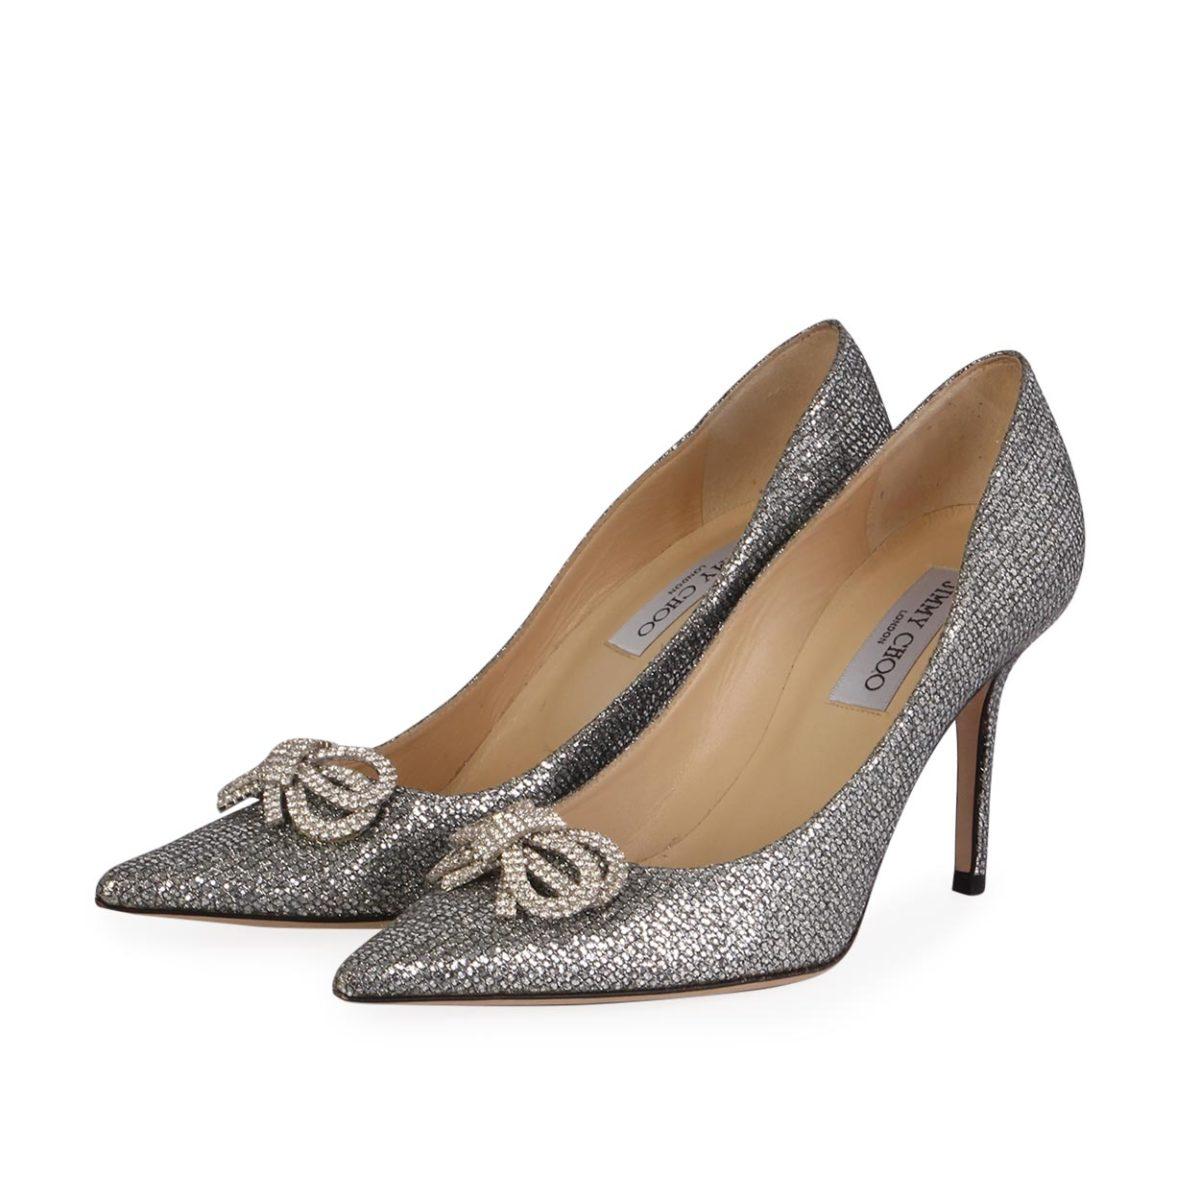 9a6a6ca2c1fe JIMMY CHOO Samba Jewel Bow Pumps Silver Glitter - S  40 (6.5) - NEW ...